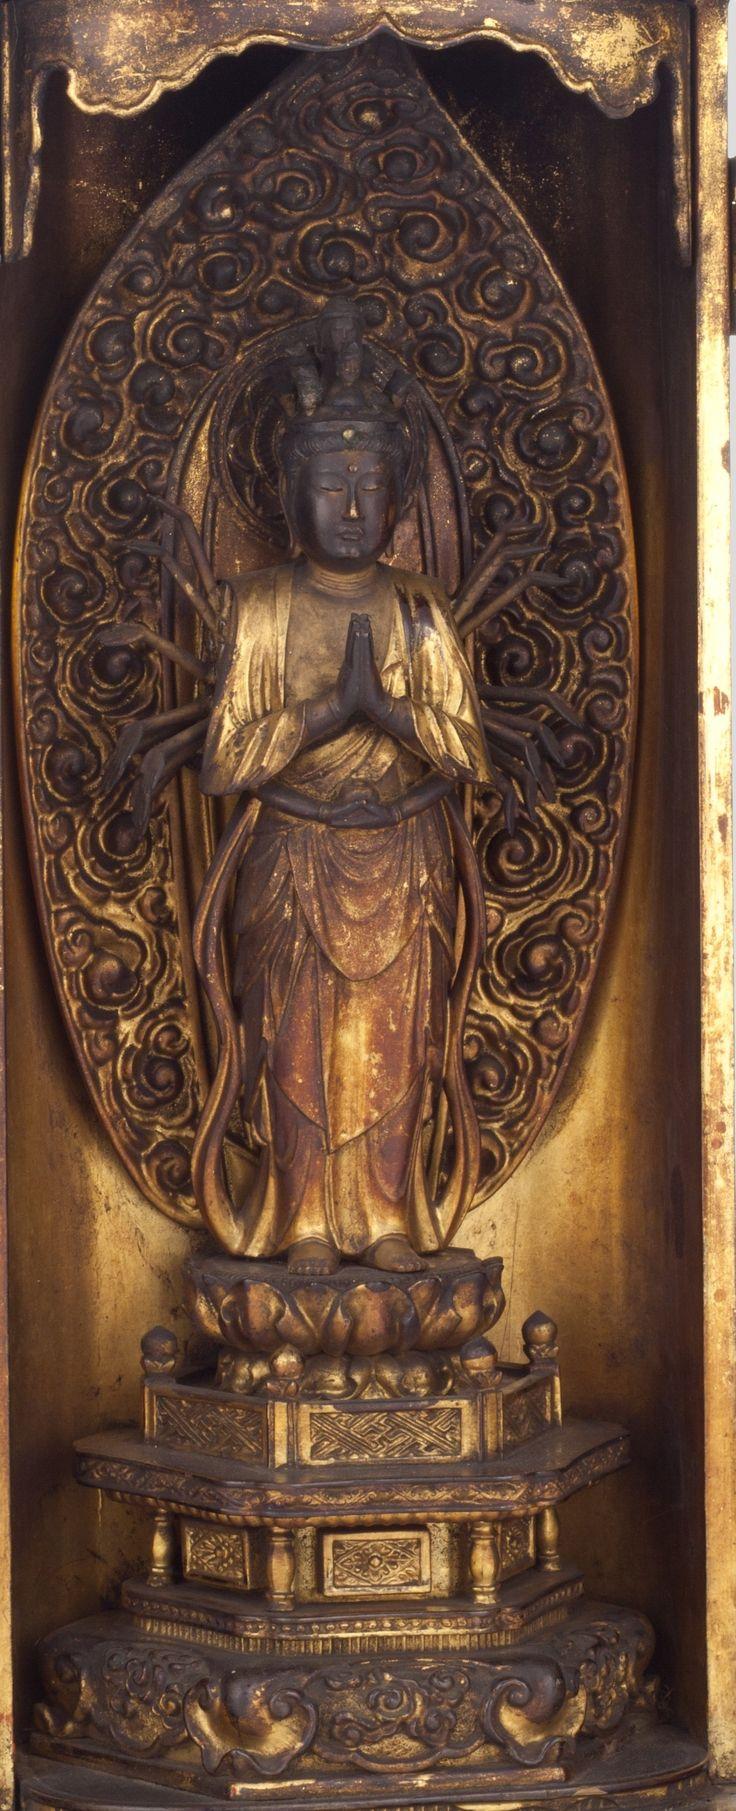 /Figurka bosatsu Senju Kannon z kapliczki, kolekcja Muzeum Narodowego w Krakowie /The Senju-Kannon Bosatsu figure from the schrine, The National Museum in Kraków collection/